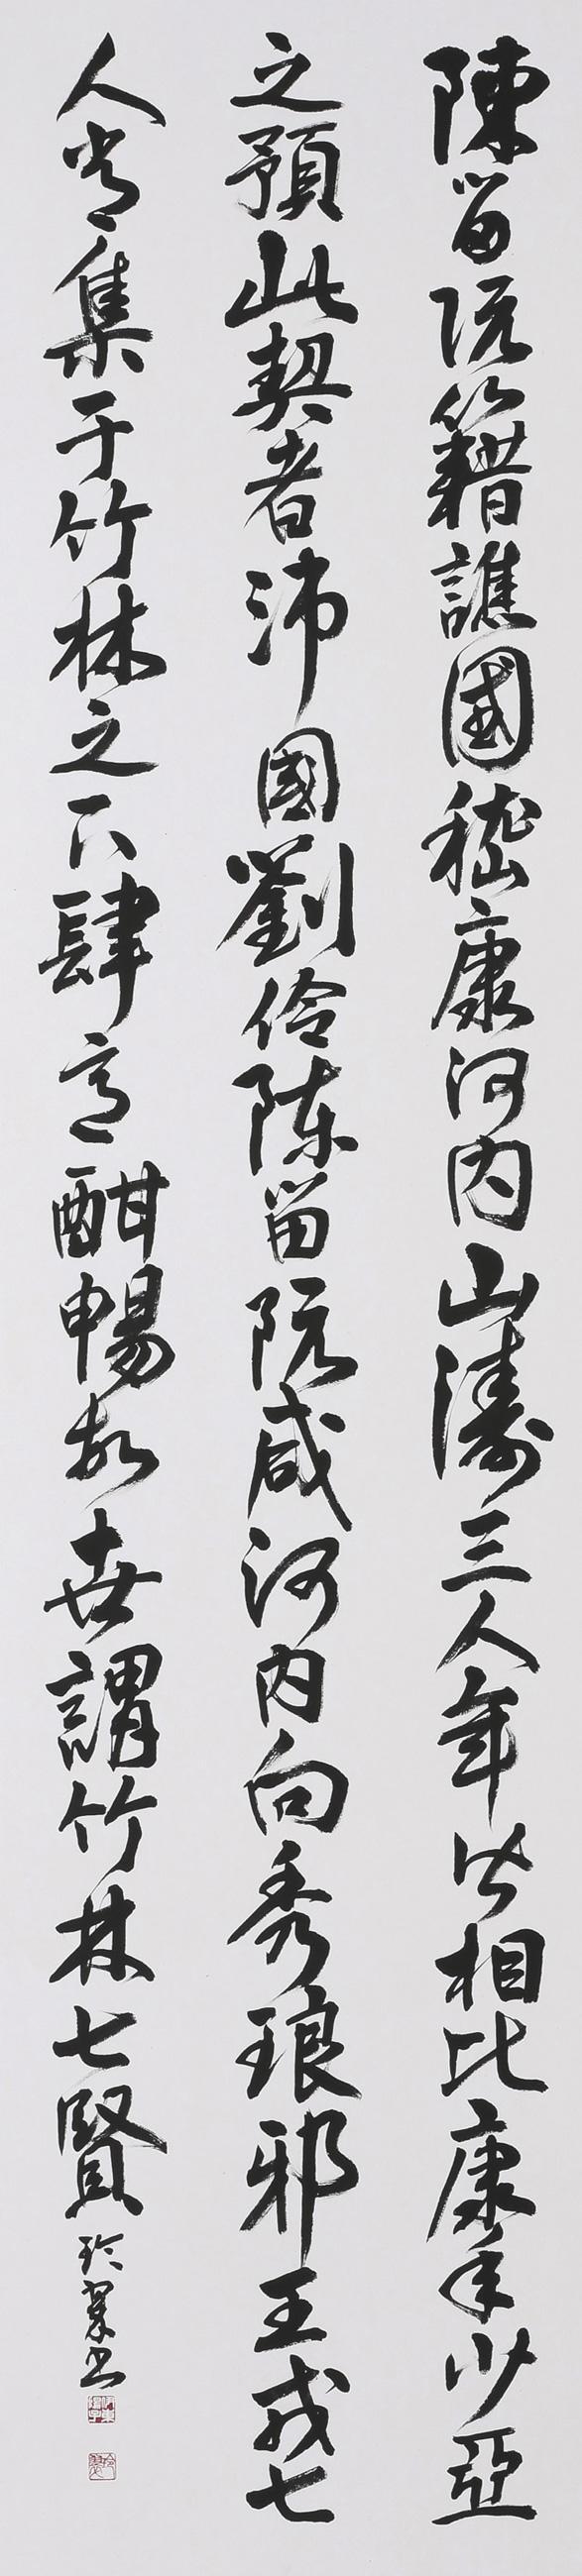 第36回産経国際書展 中国大使館文化部賞受賞作 「世説新語」(縦240×横60センチ)